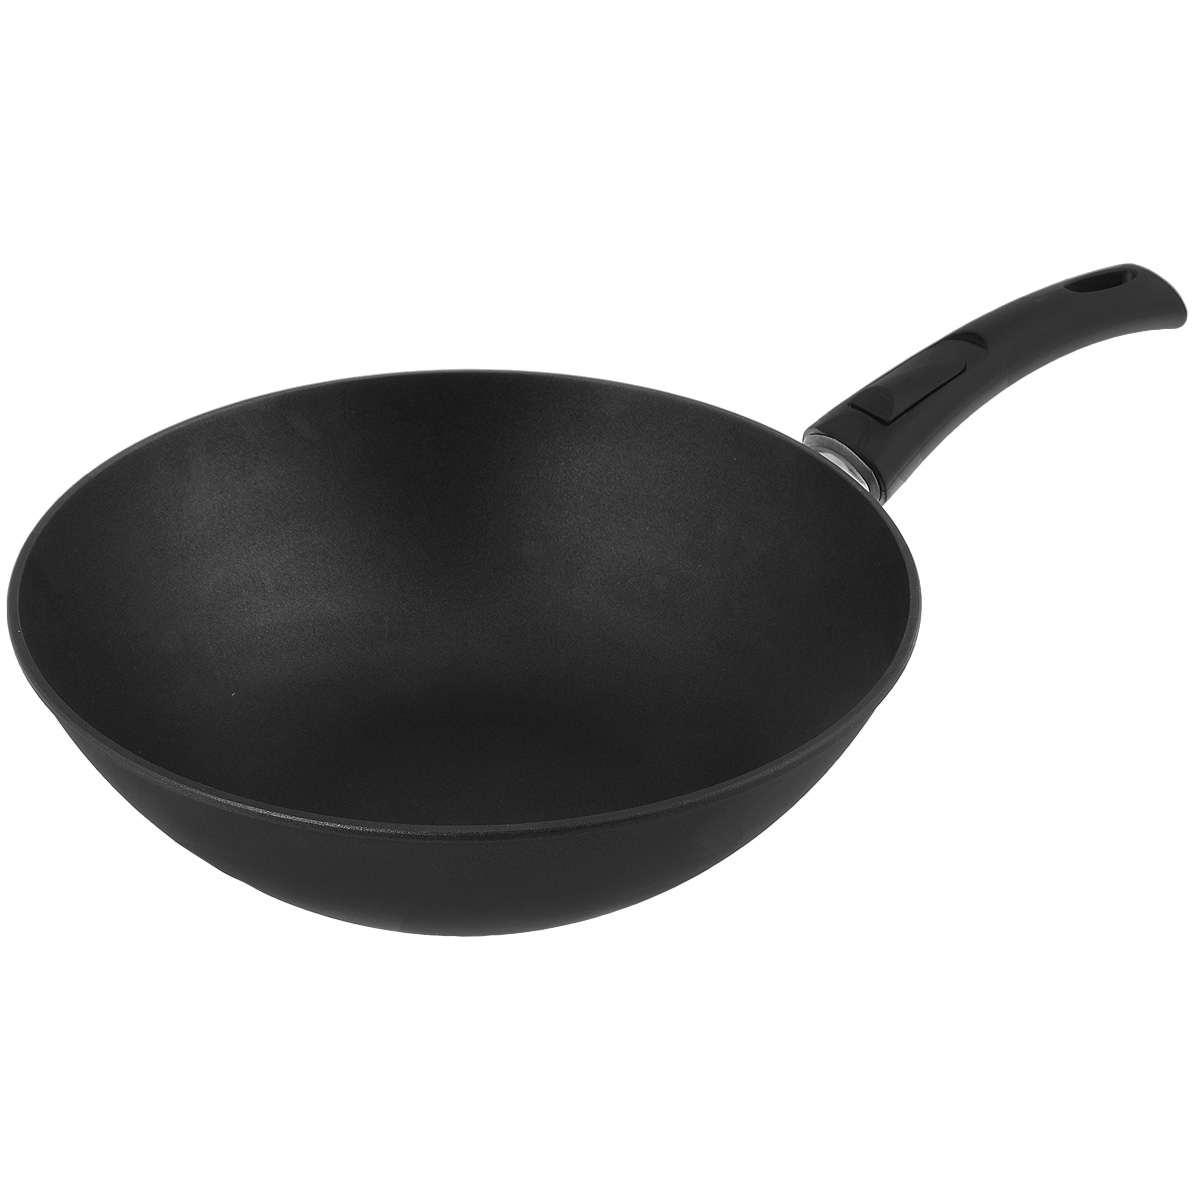 Сковорода-вок литая Нева Металл Посуда Титан, с полимер-керамическим антипригарным покрытием, со съемной ручкой, цвет: черный. Диаметр 30 см68/5/2Литая сковорода-вок НМП Титан изготовлена из алюминия с полимер-керамическим антипригарным покрытием.Эргономичная ручка - съемная, что позволяет использовать сковороду-вок в духовом шкафу или морозильной камере. Особенности посуды серии ТИТАН: - 4-слойная антипригарная полимер-керамическая система ТИТАН обладает повышенной износостойкостью, достигаемой за счет особой структурыи специальной технологии нанесения. Это собственная запатентованная разработка компании, не имеющая аналогов в России. Прототип покрытия применялся при постройке космического корабля Буран и орбитальных спутников- в состав системы ТИТАН входят антипригарные слои на водной основе - система ТИТАН традиционно производится без использования PFOA /перфтороктановой кислоты/ - равномерно нагревается за счет особой конструкции корпуса по принципу золотого сечения, толстых стенок и еще более толстого дна - приготовленная еда получается особенно вкусной благодаря специфическим термоаккумулирующим свойствам литого алюминия - подходит для газовых, электрических и стеклокерамических плит. Посуду можно мыть в посудомоечной машине- корпус практически не подвержен деформации даже при сильном нагреве- изделия проходят тесты по условному циклу приготовления: нагрев до 220°С, охлаждение, истирание губкой с 5%-раствором моющего средства. Сковороды с покрытием ТИТАН выдерживают более 4000 таких циклов. Объем: 4 л. Диаметр: 30 см.Высота стенки: 9 см. Толщина стенки: 2,5 мм.Толщина дна: 6,5 мм.Длина ручки: 19 см.